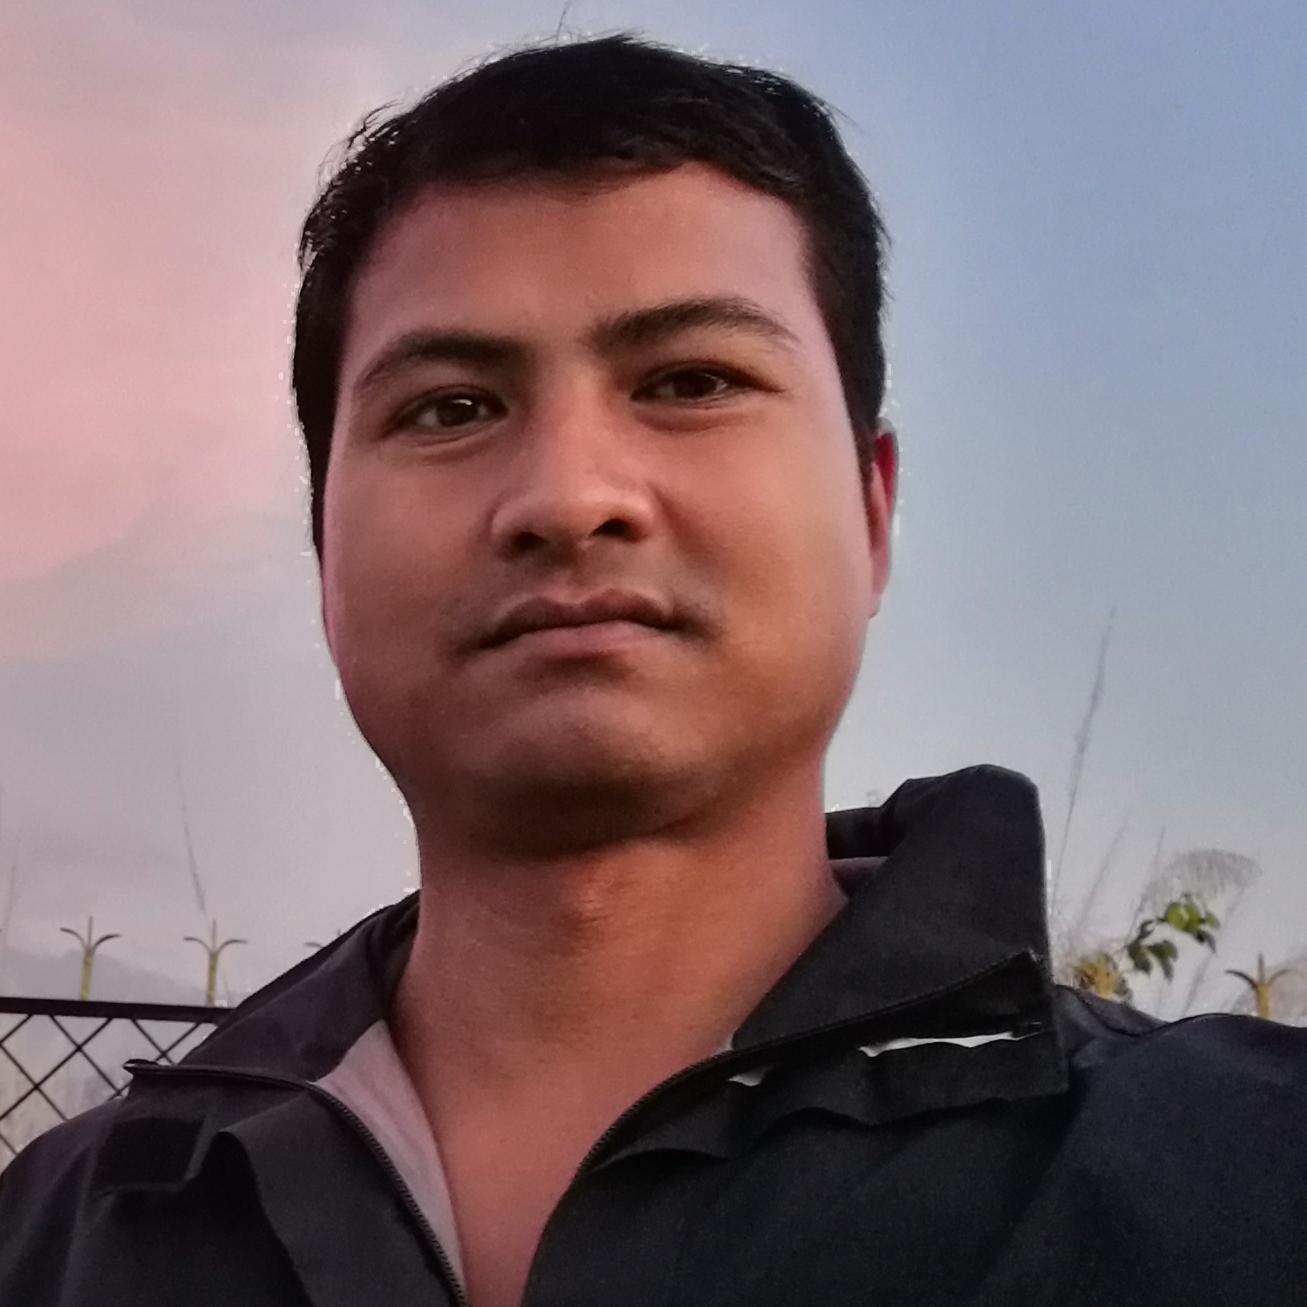 Raj Kumar Chaudhary